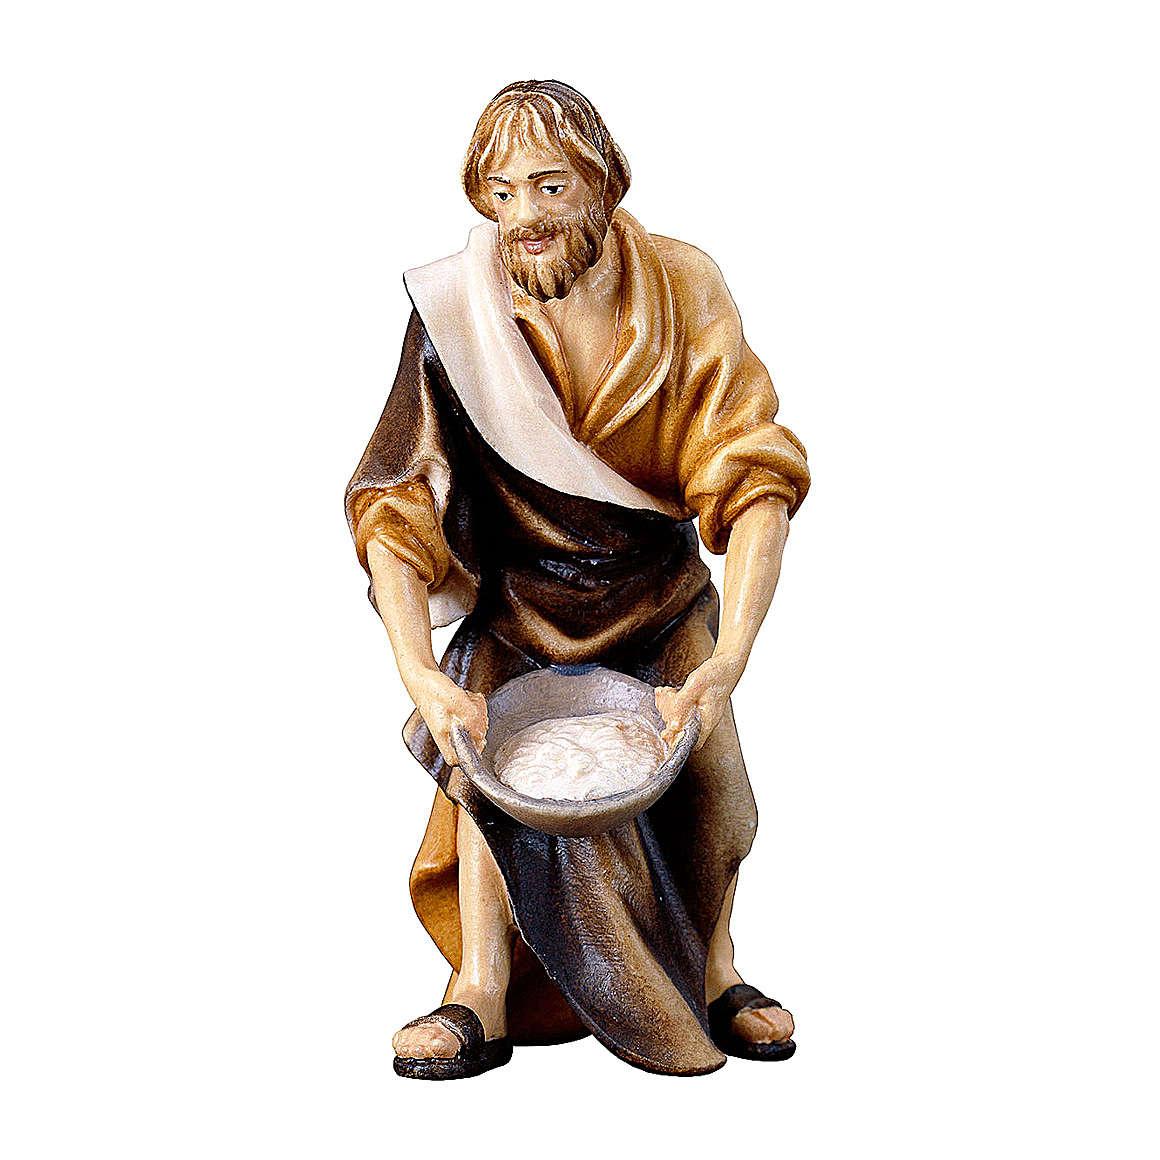 Pastore con sale presepe Original legno dipinto Valgardena 10 cm 4